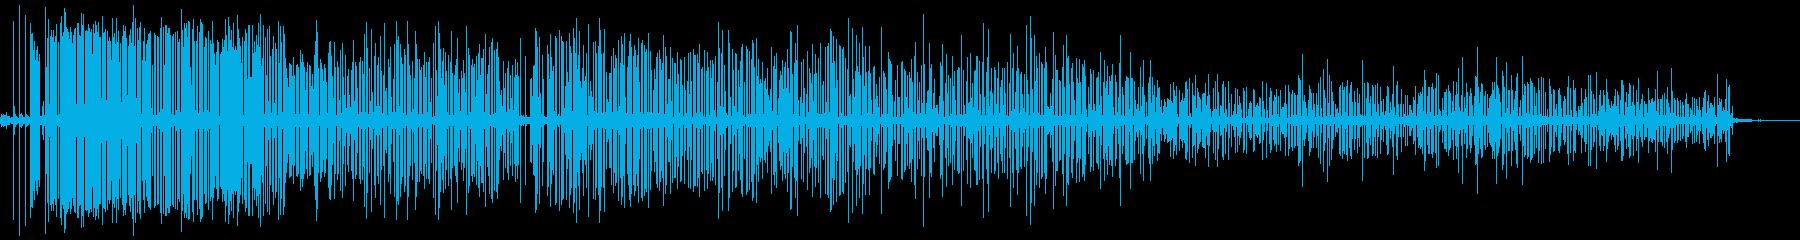 ミグ溶接機は激しいスナップ、クラッ...の再生済みの波形